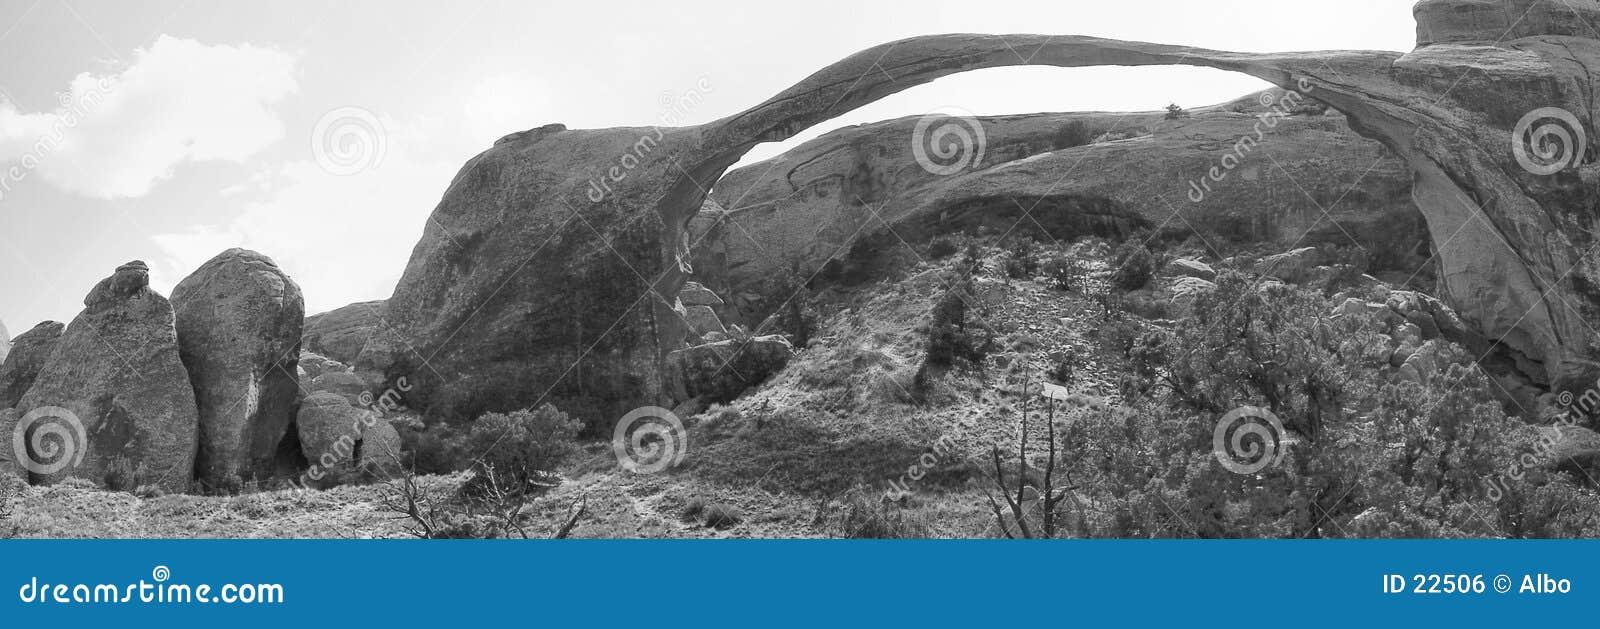 Parque natural de los arcos: Arco del paisaje